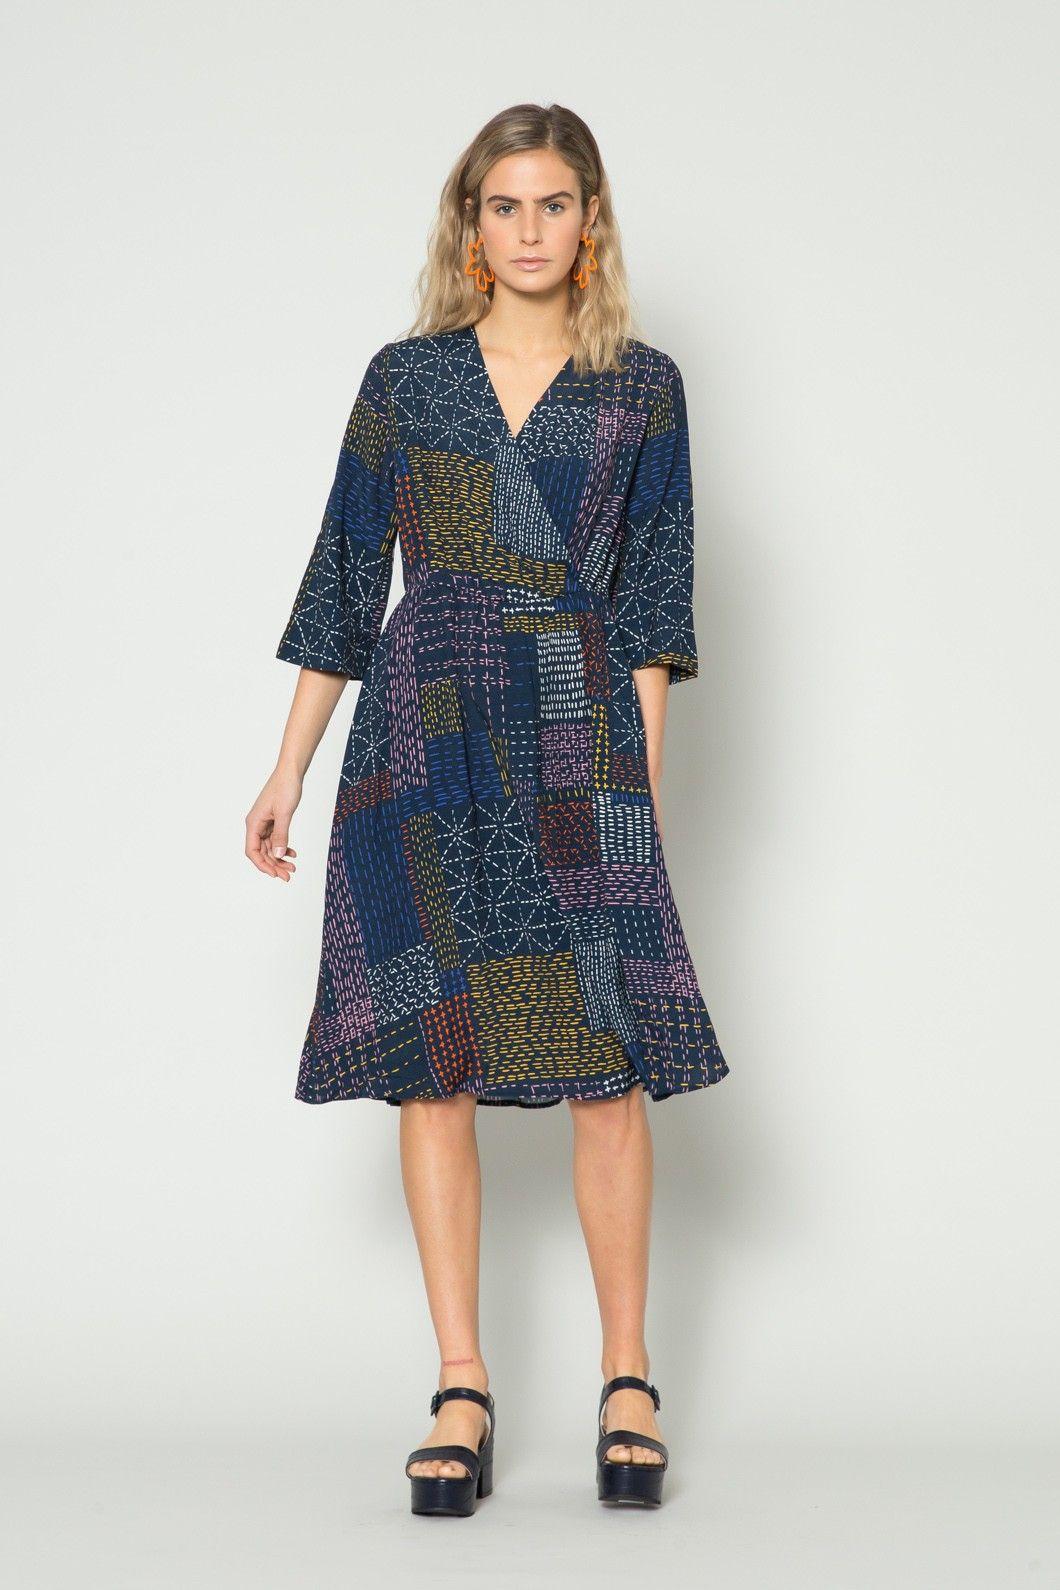 Gorman Online    Tic Tac Dress - New Arrivals  9dab2d35ffda